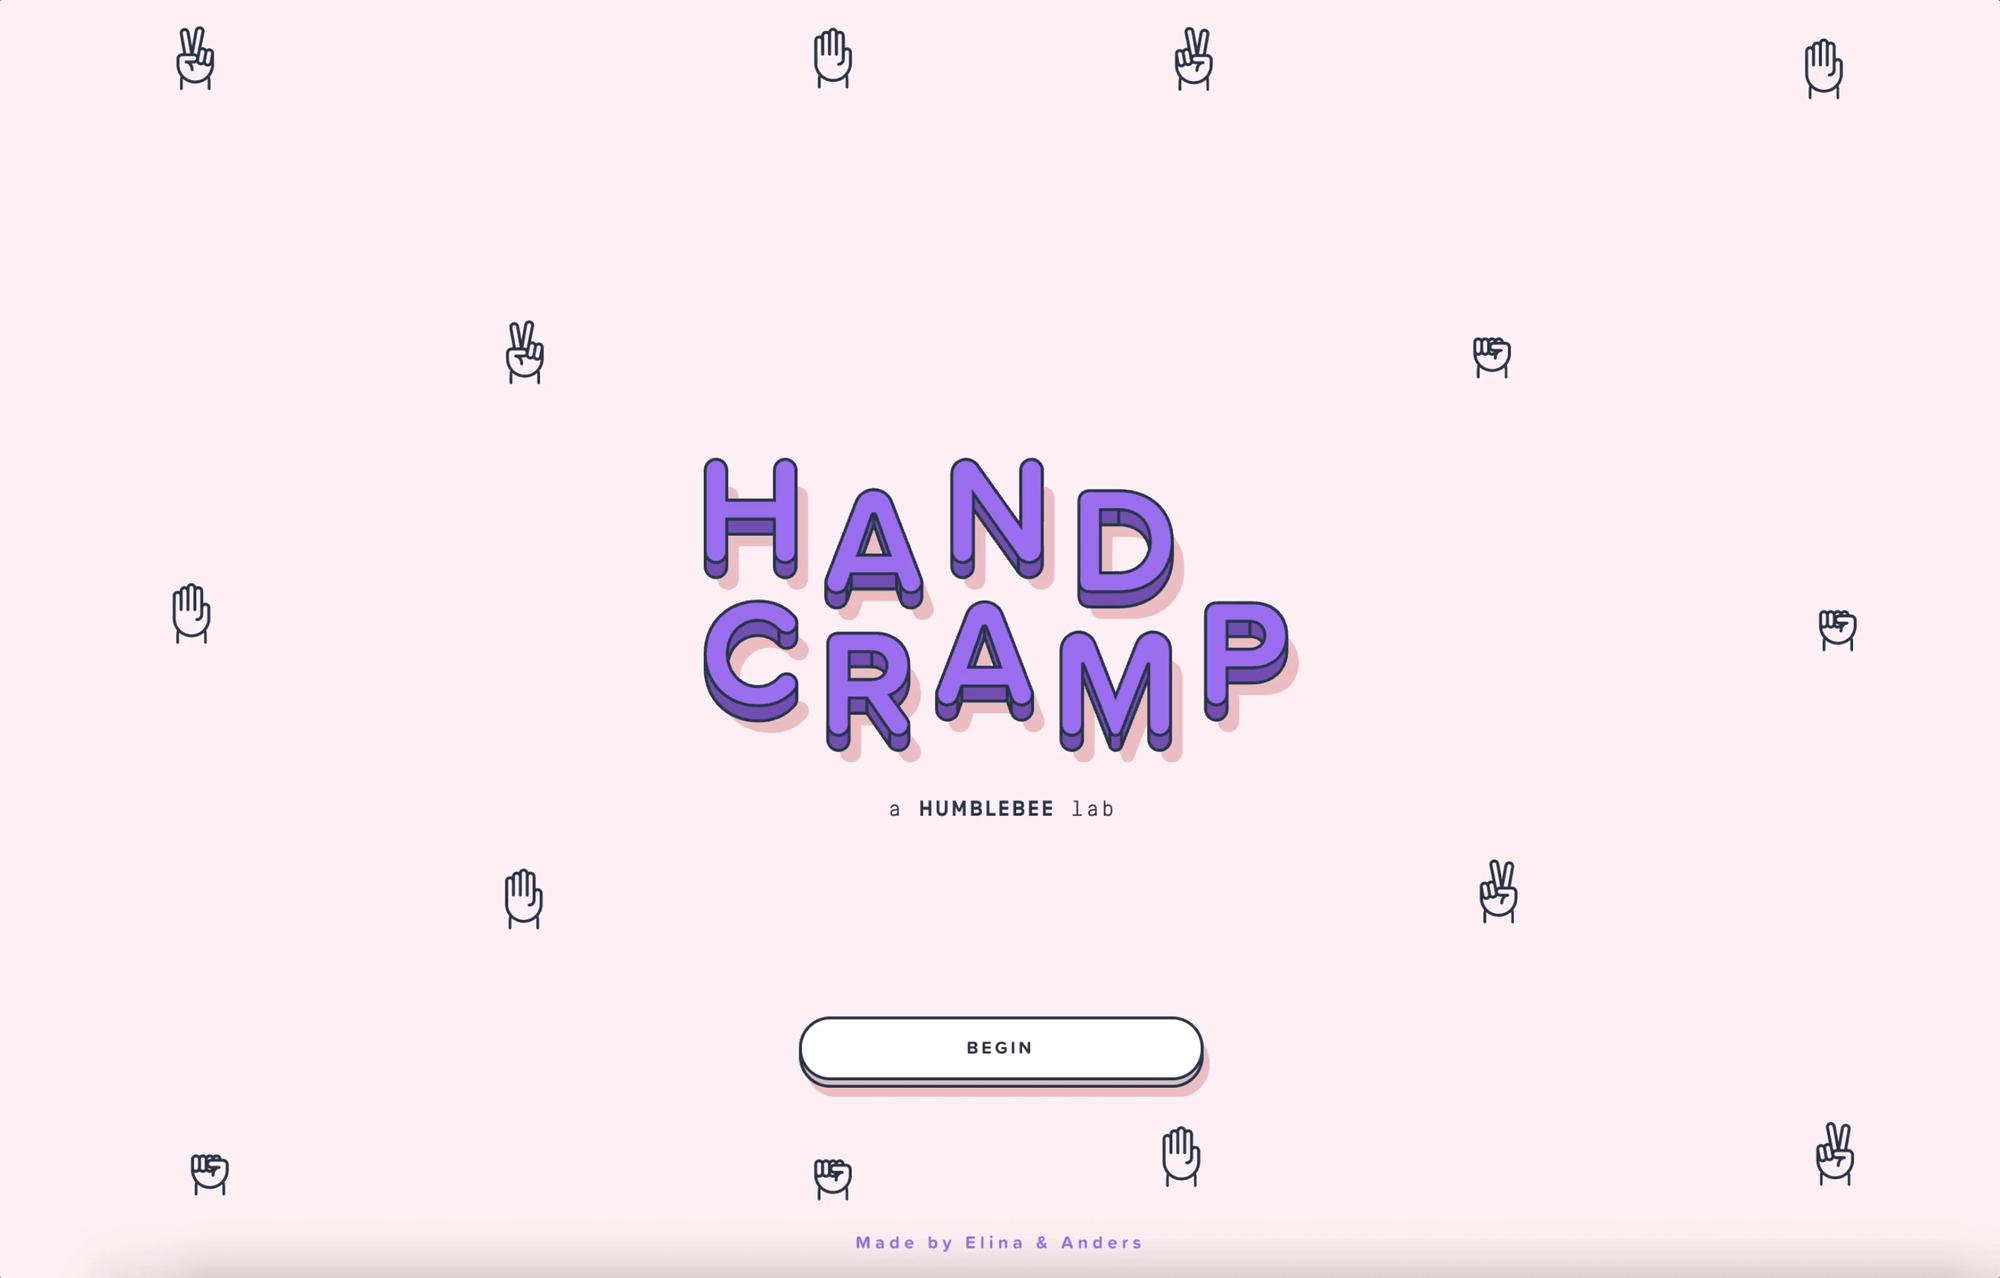 Handcramp